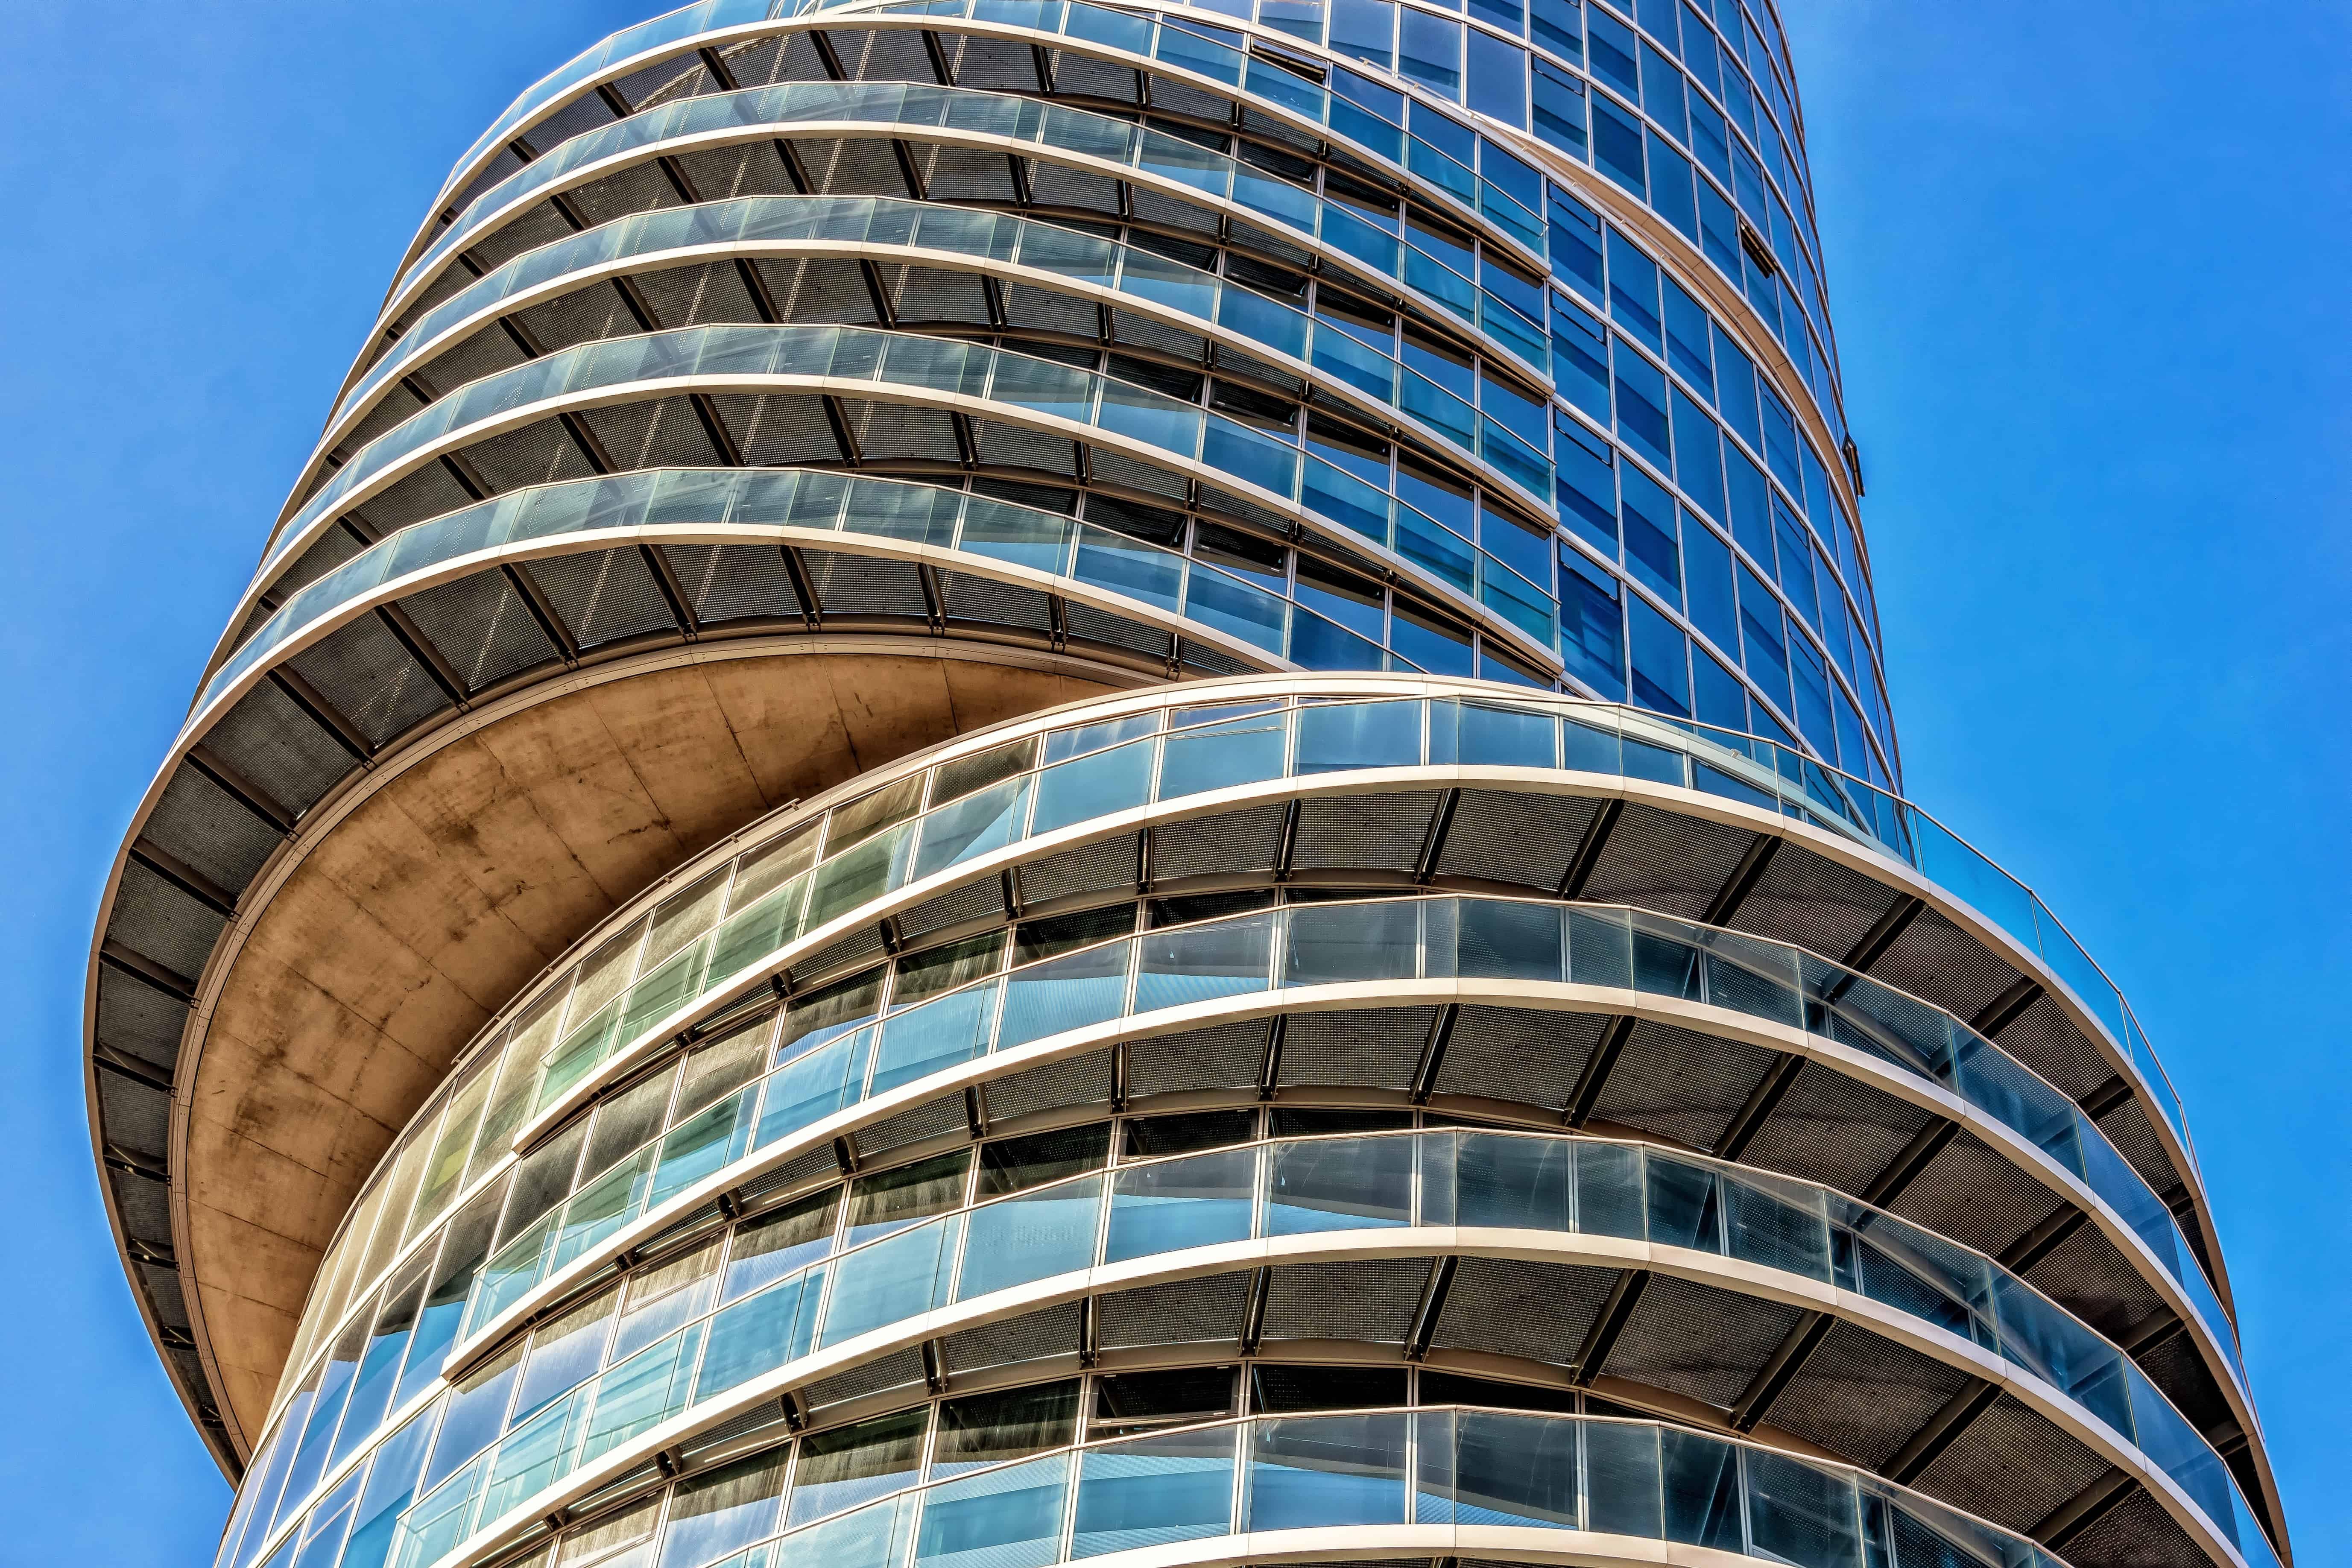 Fassade Architektur kostenlose bild futuristisch modernes gebäude fassade